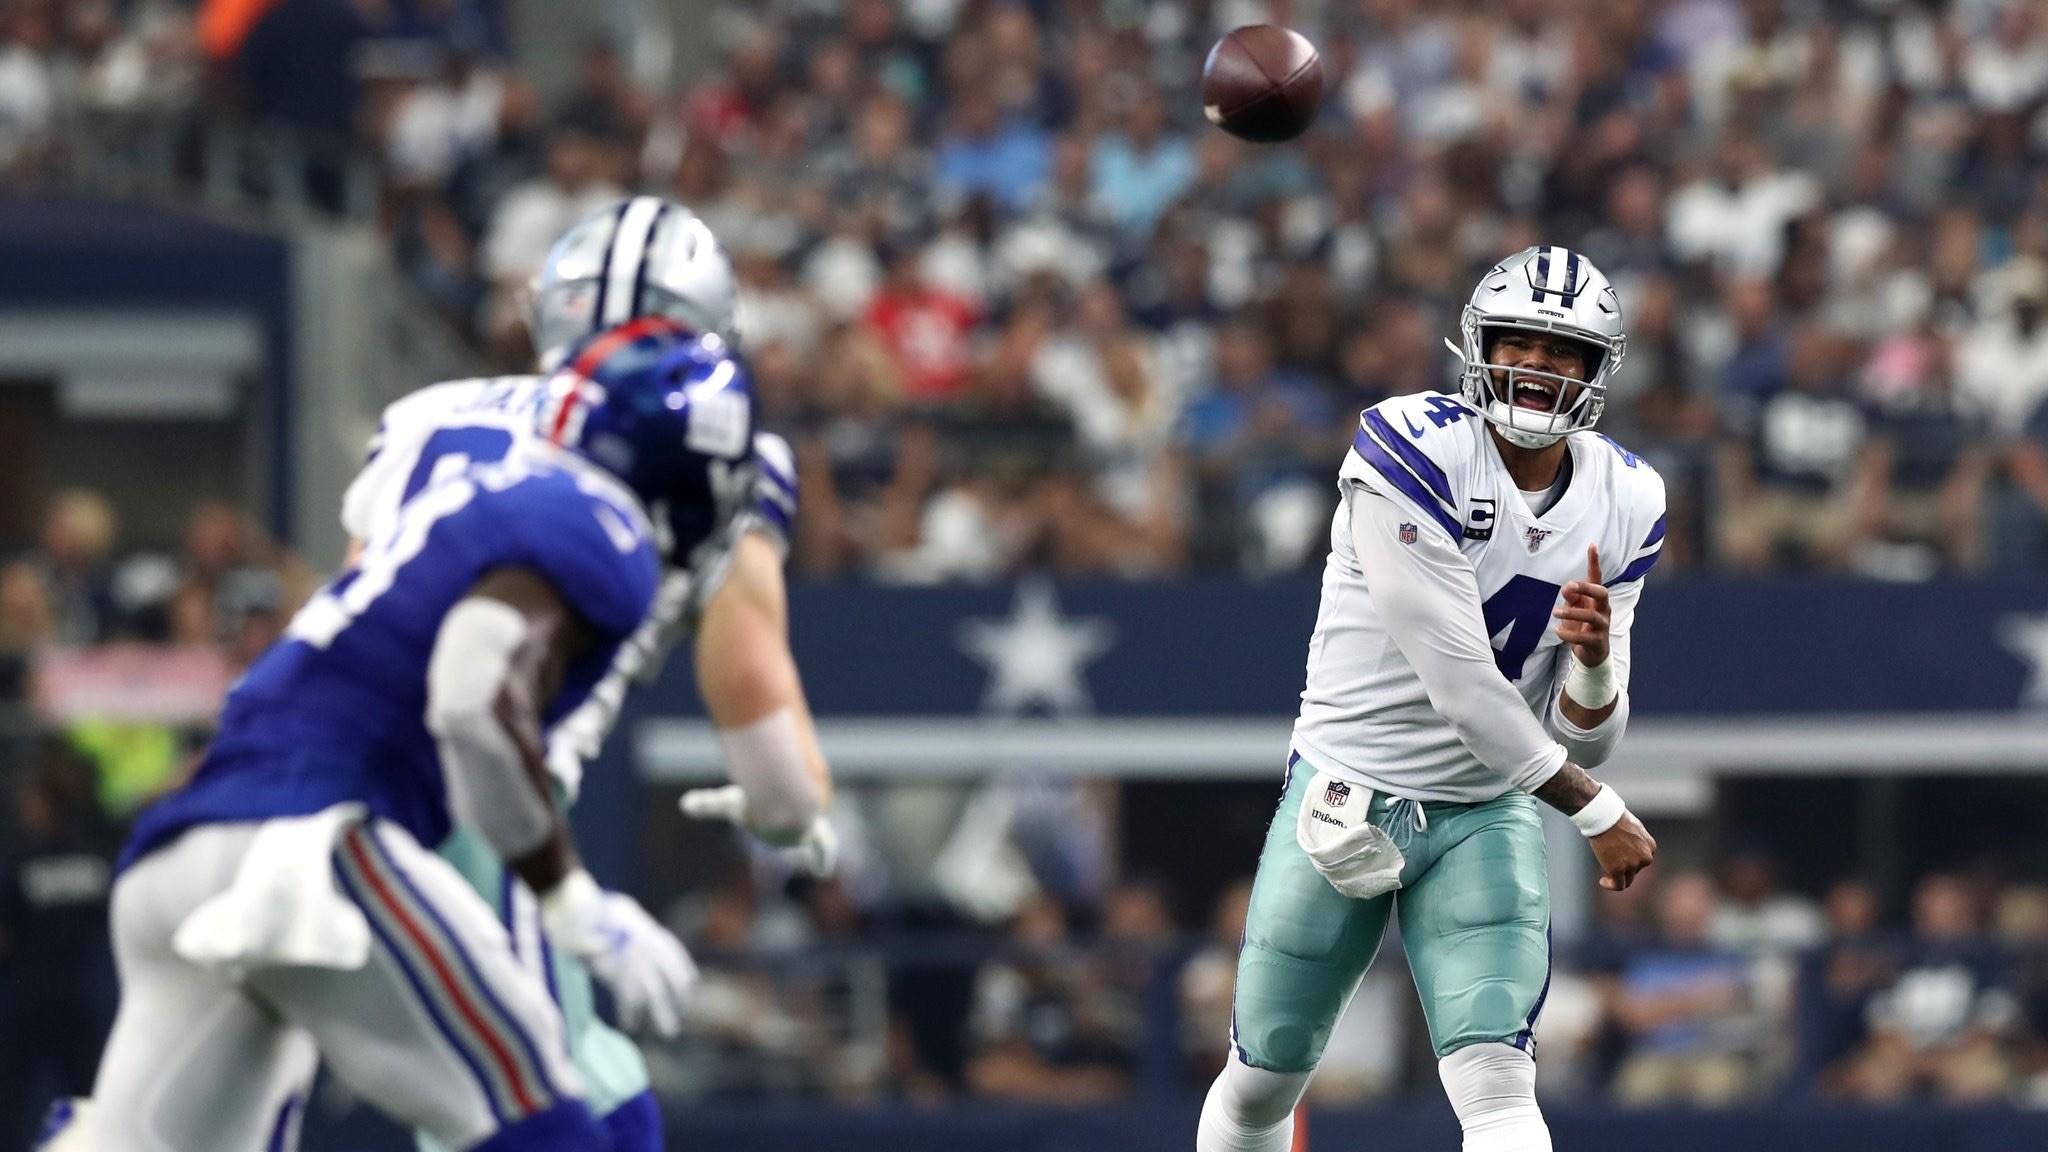 Los Dallas Cowboys vencieron 35-17 a los Gigantes de Nueva York en la semana 1 de la NFL de la mano del QB Dak Prescott.